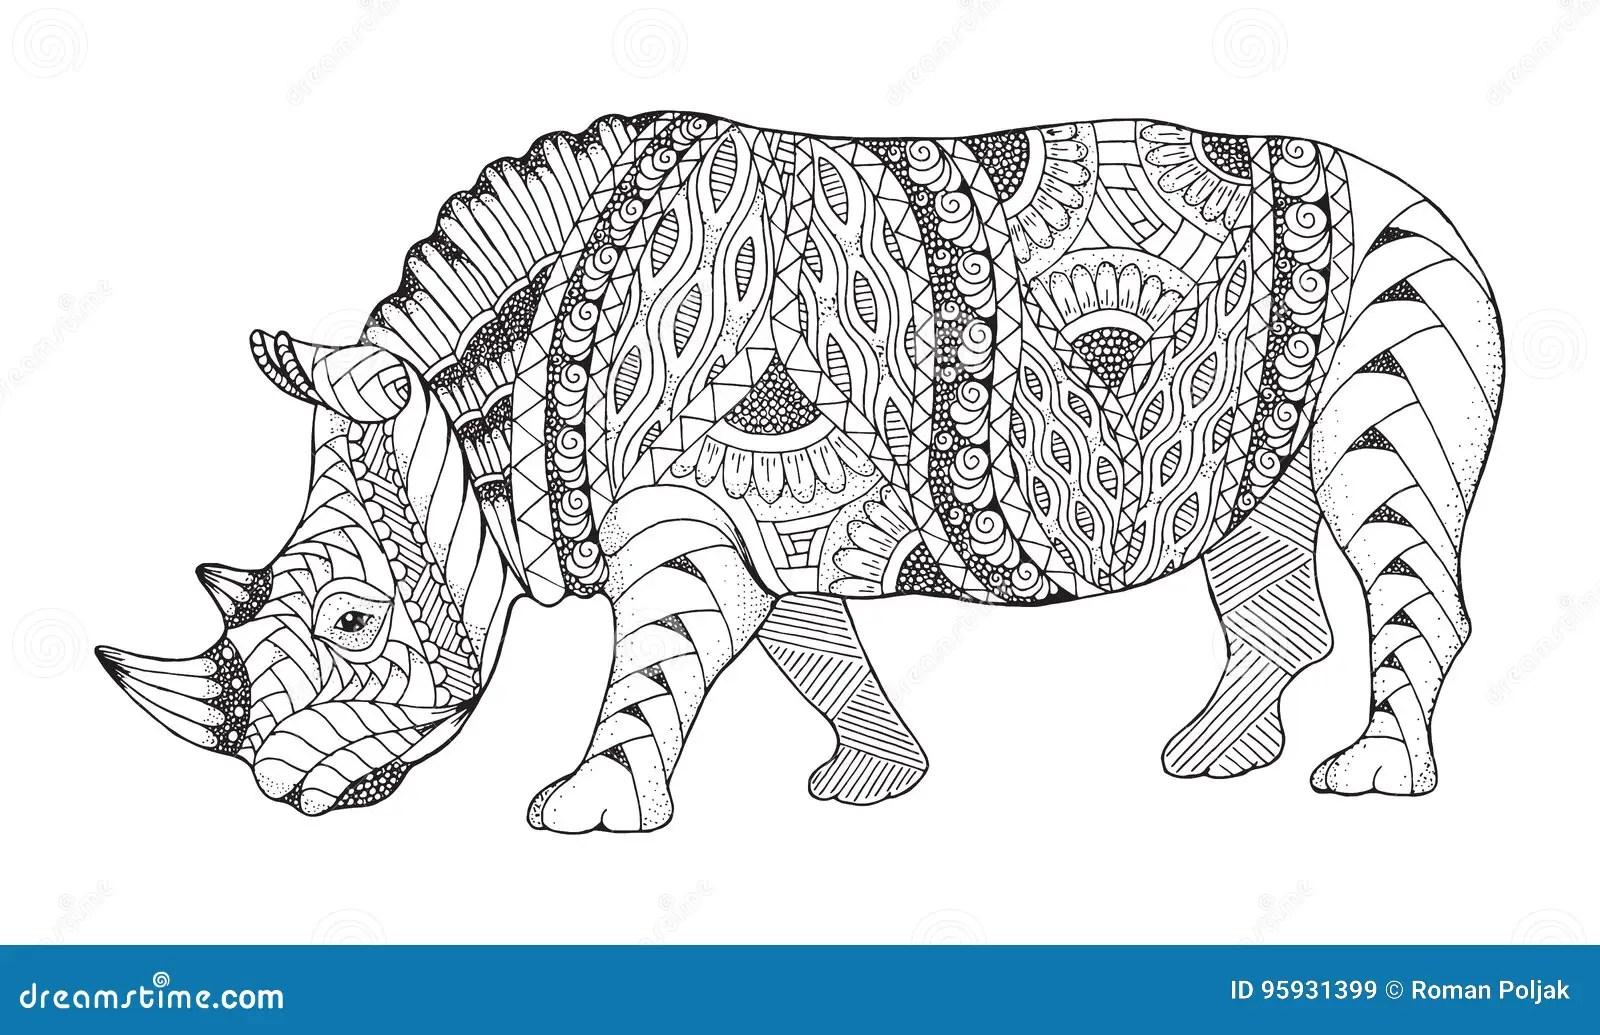 Rhino Animal Zentangle Stylized. Rhinoceros Vector